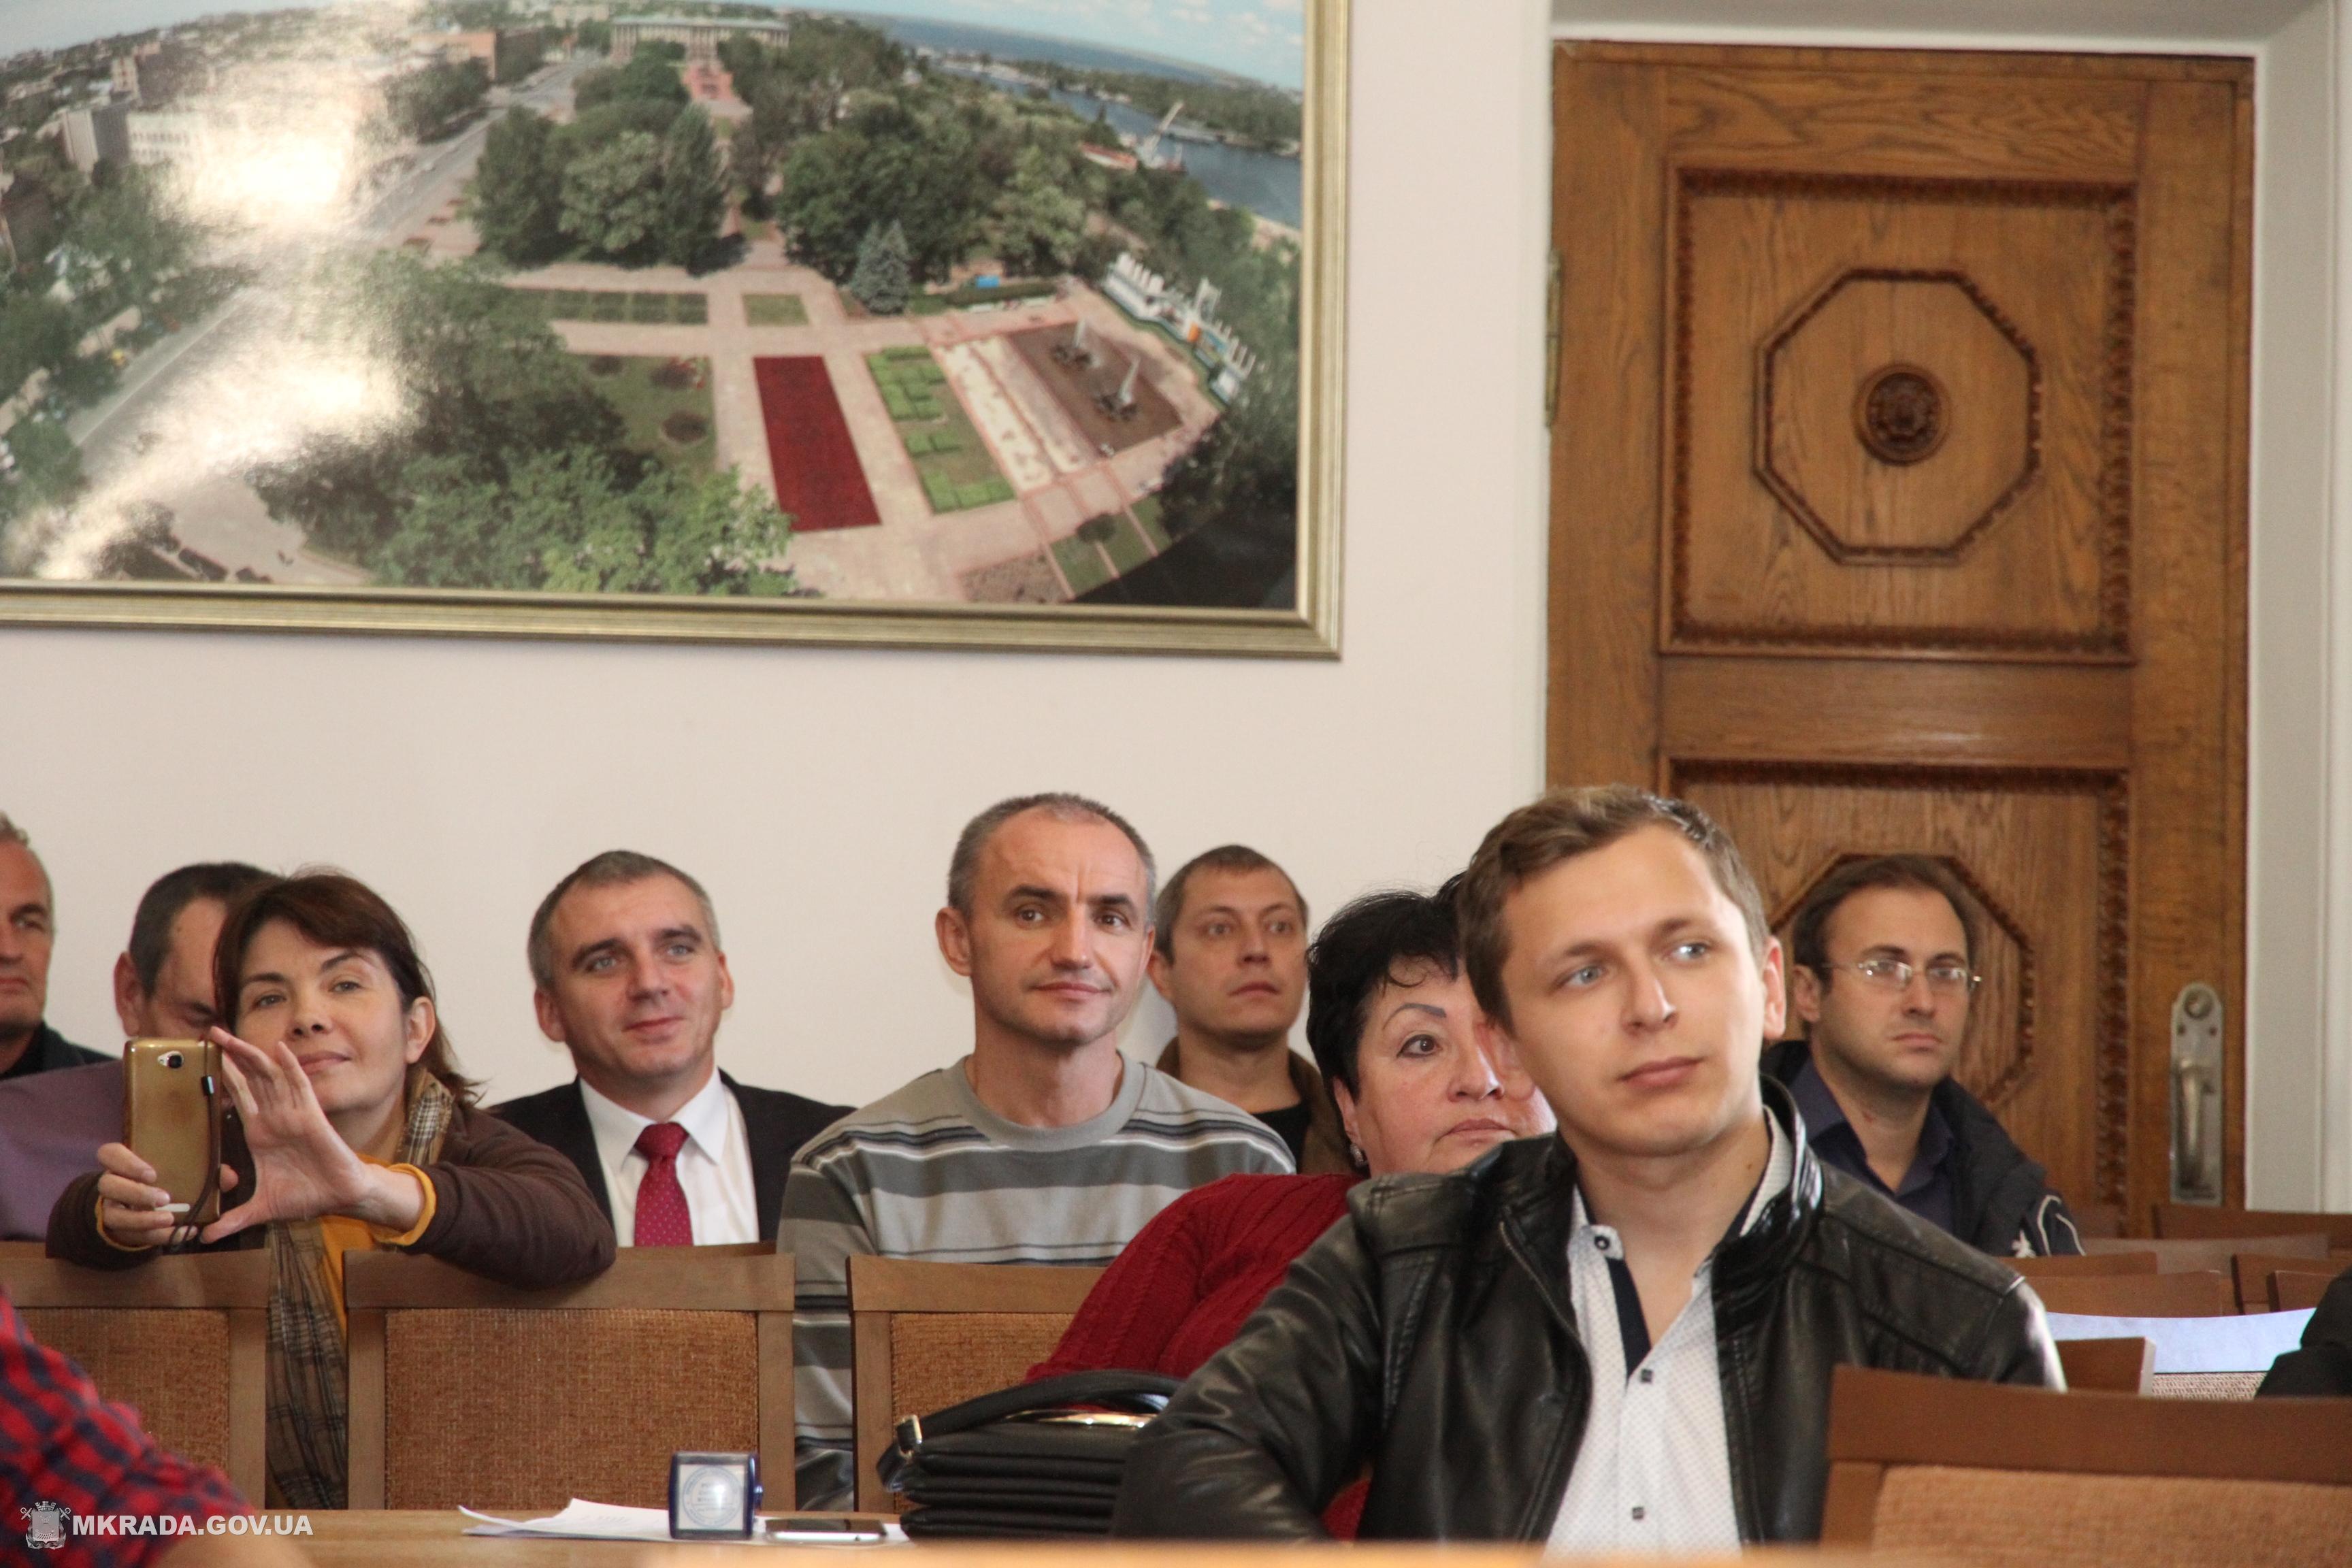 Презентация работ победителей архитектурного конкурса проектов реконструкции Соборной площади. Фото Николаевского городского совета.